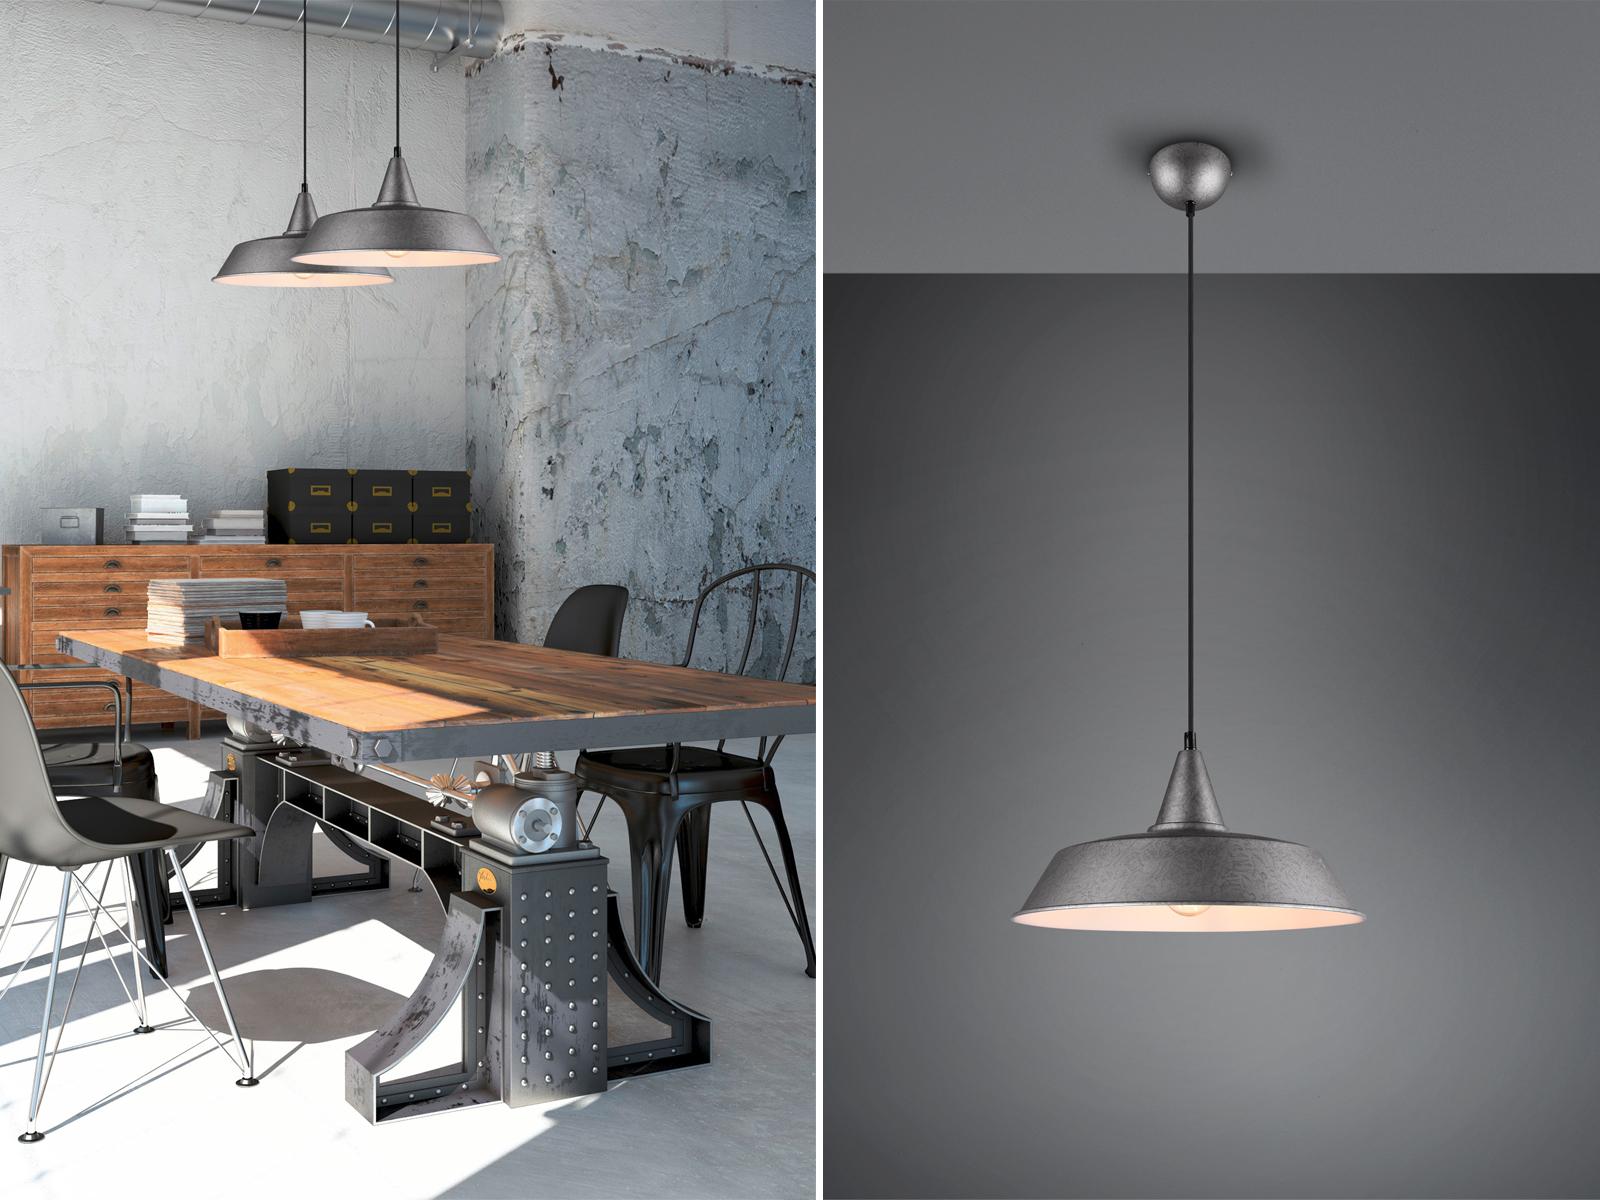 Dimmbare LED Pendelleuchte Retro 1flammig Metall Silber matt Lampenschirm Ø 35cm